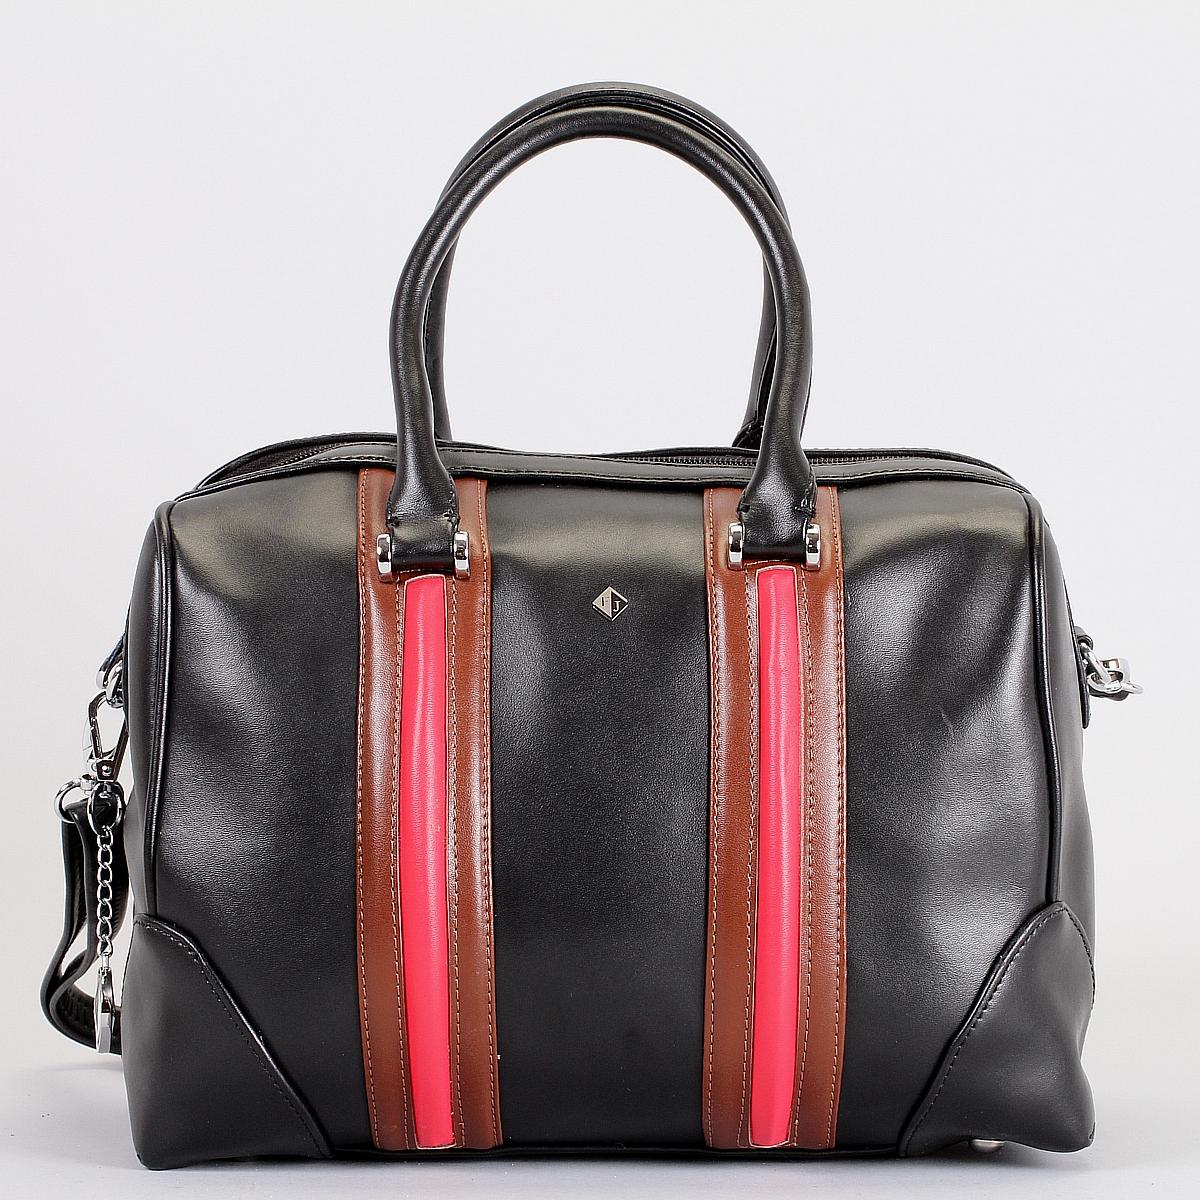 Сумка женская Flioraj, цвет: черный, красный, фуксия. 580434-1B-1/2/7580434-1B-1/2/7 черн/кор/Стильная женская сумка Flioraj выполнена из высококачественной натуральной кожи с отделкой в виде кожаных вставок контрастного цвета. Сумка имеет одно отделение, закрывающееся на застежку-молнию. Внутри - два кармана на застежка-молниях и два накладных кармашка для мелочей. Сумка оснащена двумя удобными ручками, съемным плечевым регулируемым ремнем на карабинах и жестким основанием с четырьмя ножками. Сумка украшена металлическим брелоком в виде логотипа фирмы. Элегантность этой сумочки определяется игрой линий и форм, которые сочетаются с модным декором. Ее обладательница привыкла брать от жизни все и наслаждаться каждым ее моментом. Такая сумка станет идеальным дополнением к вашему образу!